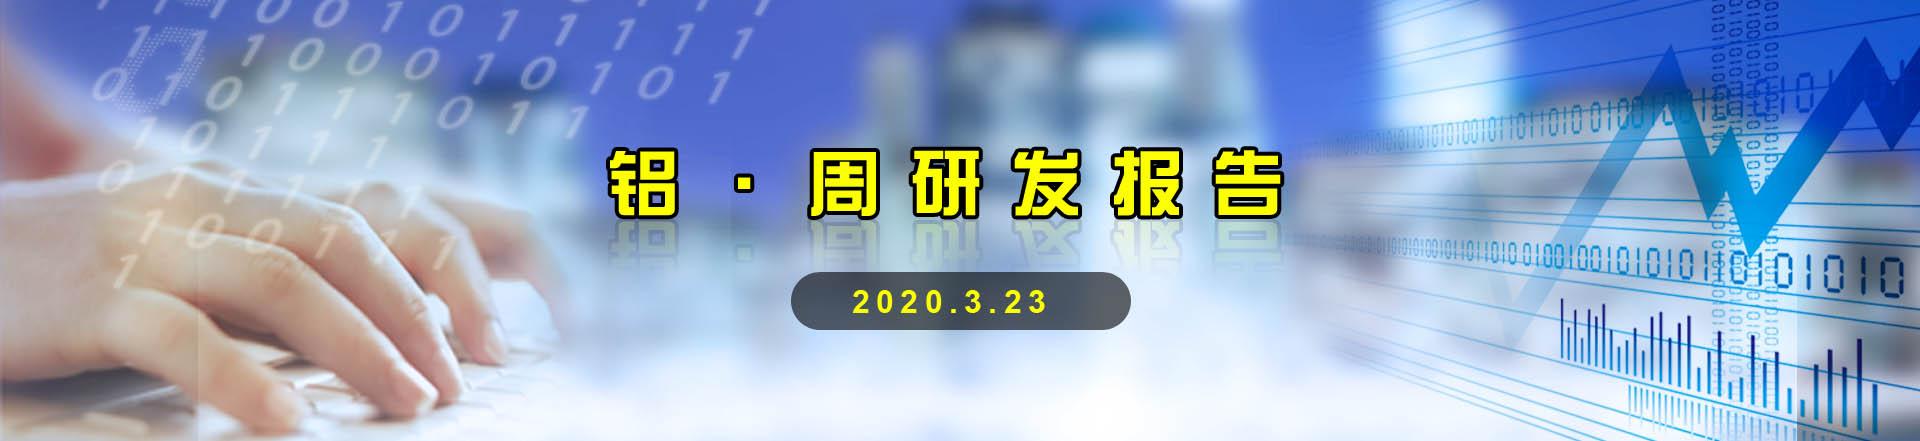 【鋁】鋁·周研發報告集錦 20200323